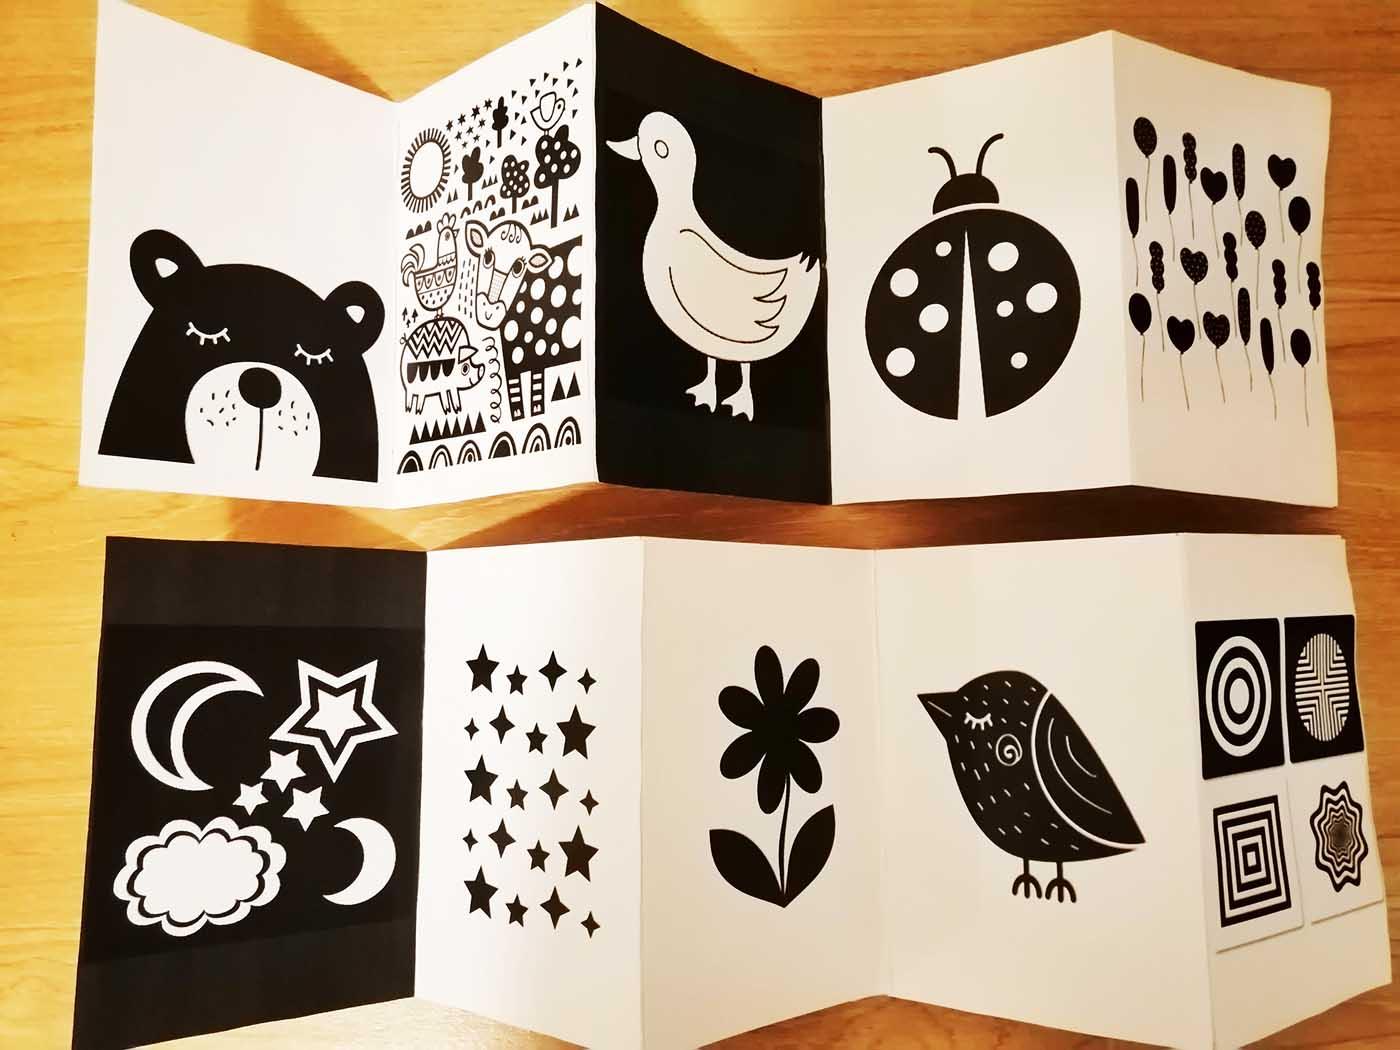 Εκτυπώστε Δωρεάν το Ασπρόμαυρο Βιβλίο Montessori –Thisisus.gr